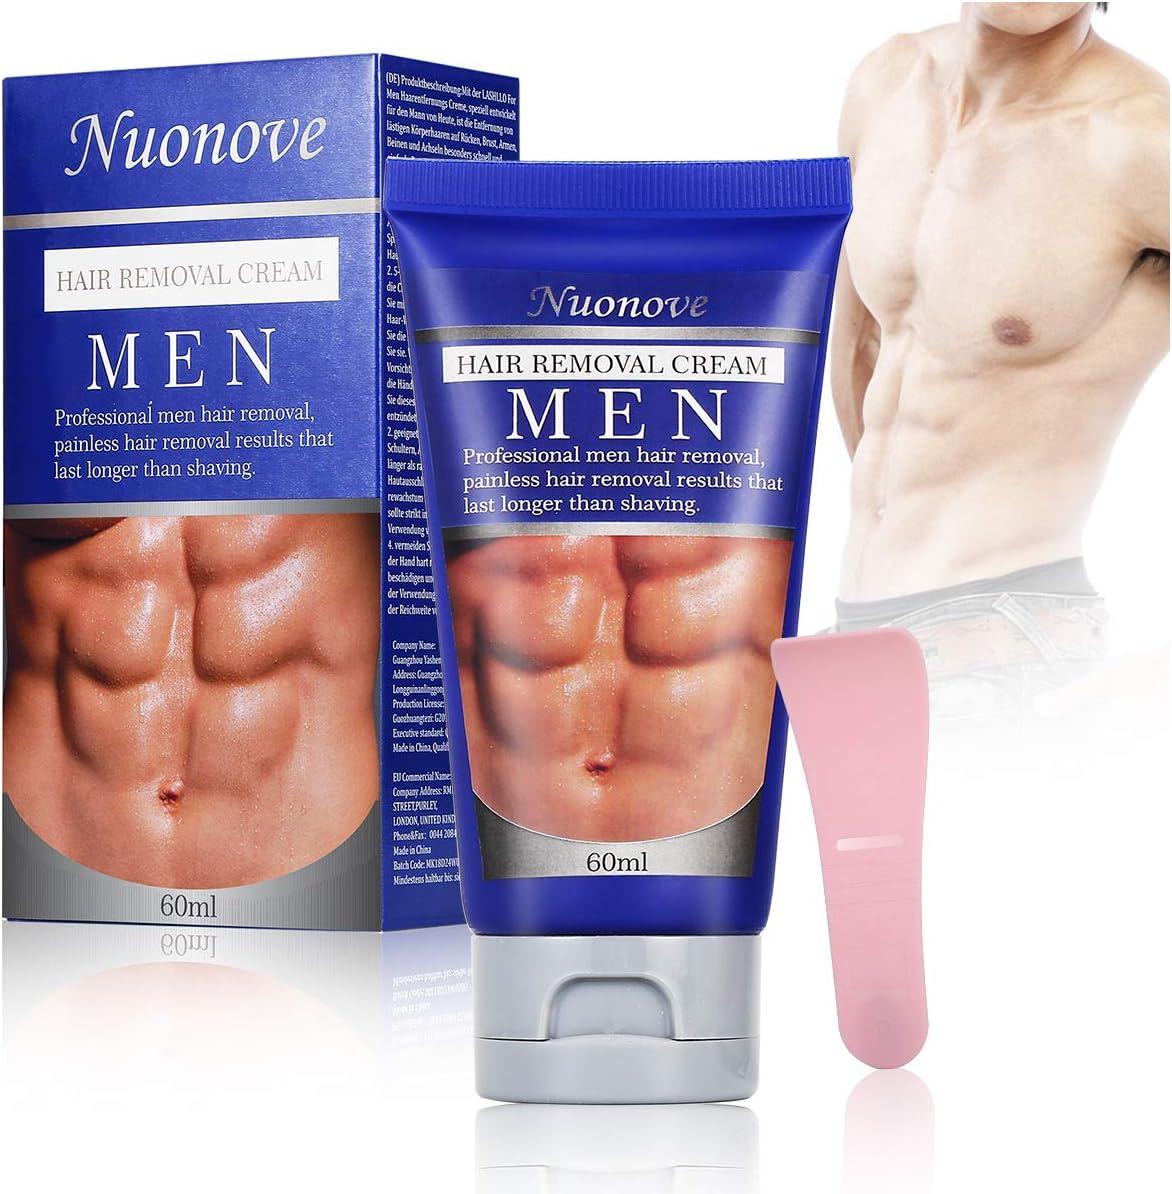 Crema Depilatoria, Hair Removal Cream, Crema Depilatoria Hombre, Bikini, Antebrazo, Depilación hombre, deja la piel suave, Extra Suave Hecha Para Hombres, 60ml